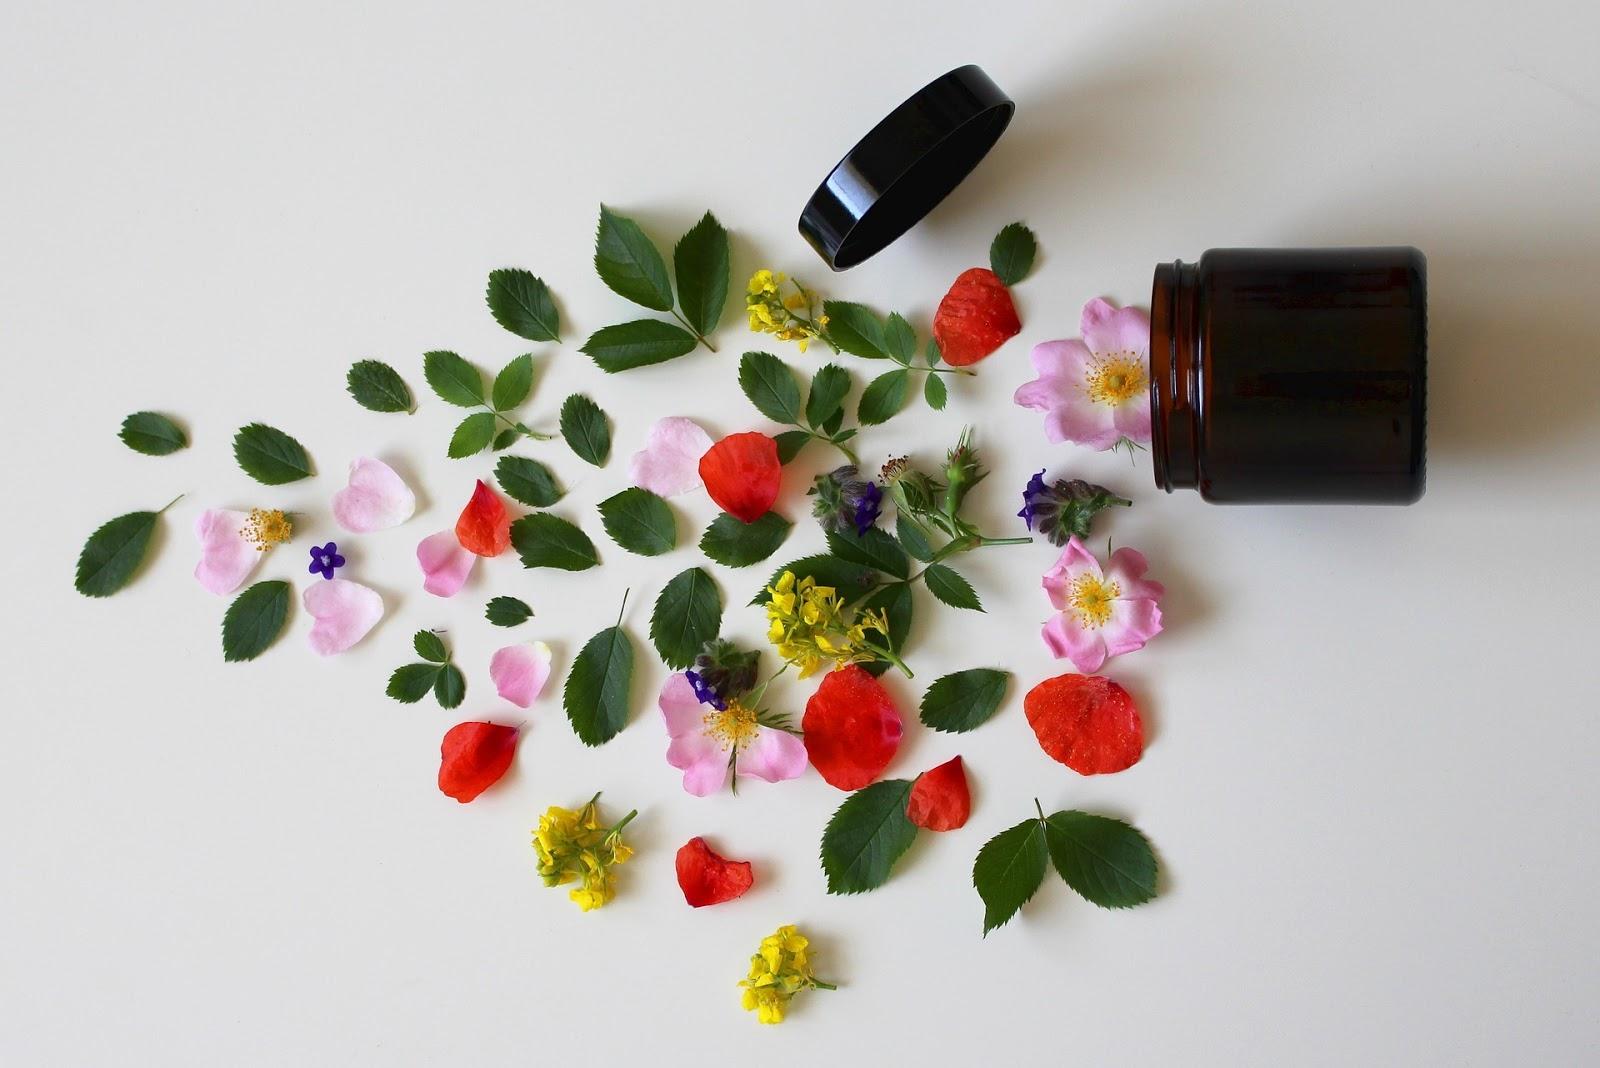 drogerie internetowe - ktora najtansza gdzie kupisz najtaniej naturalne kosmetyki